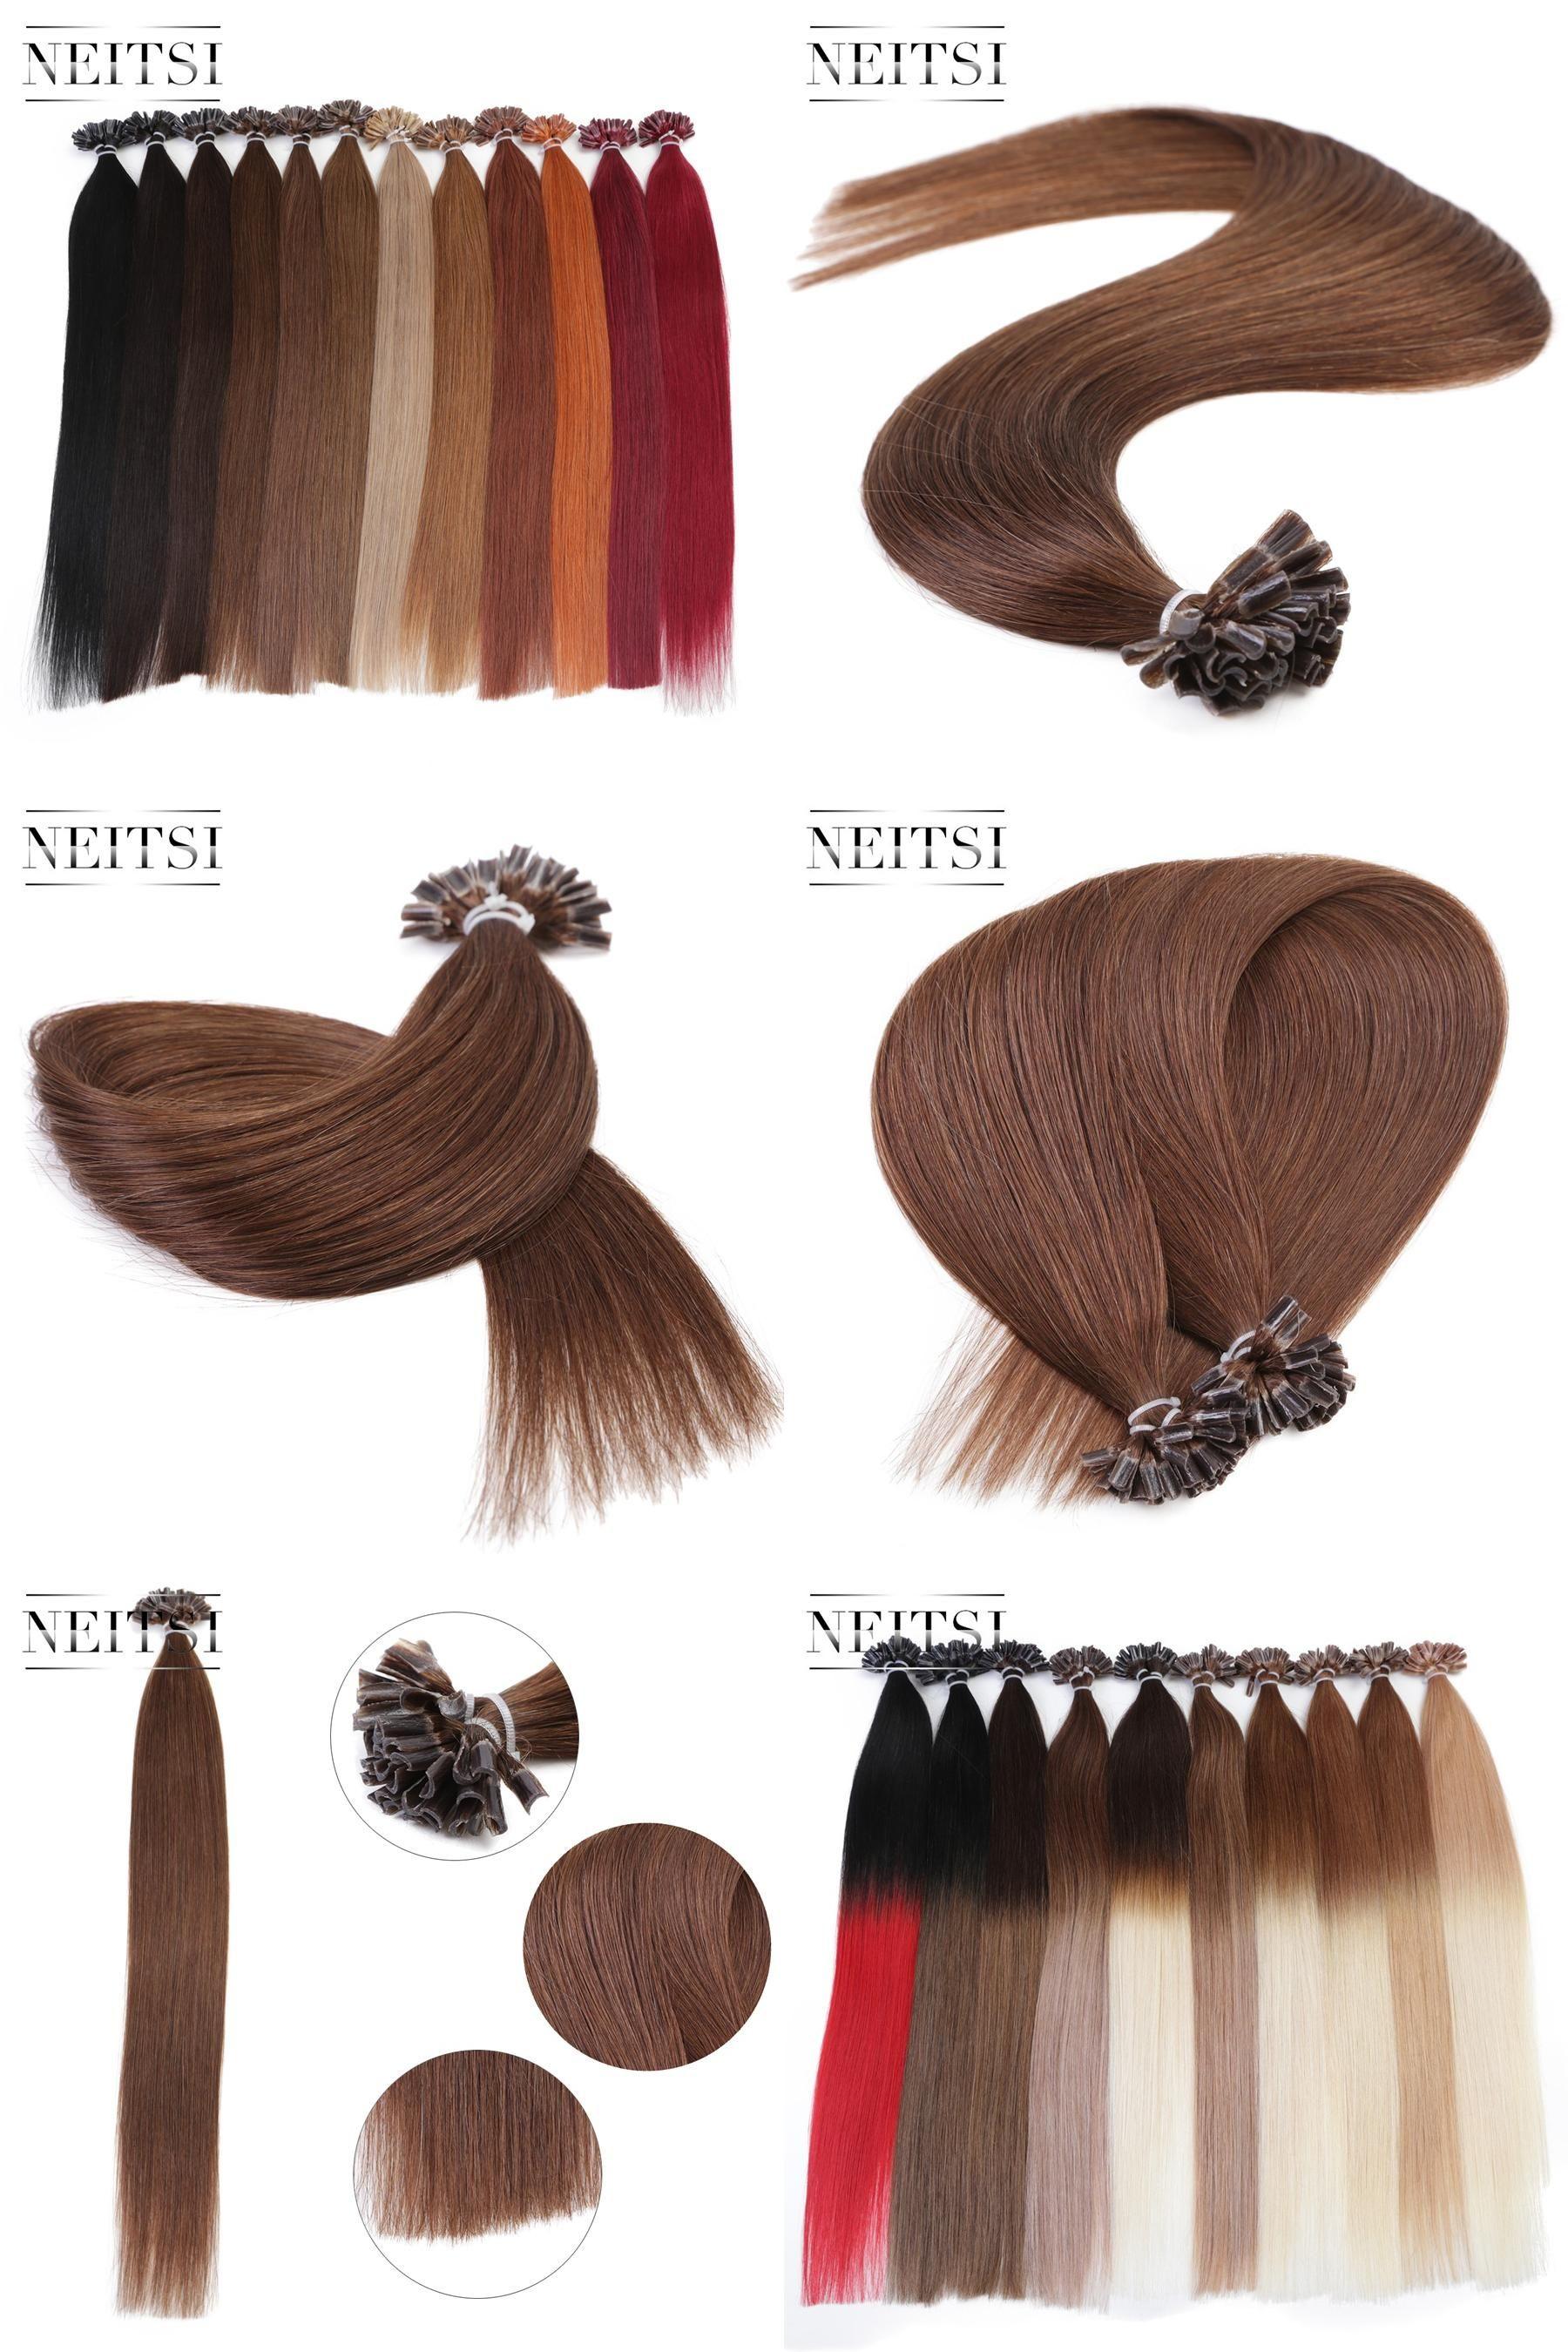 Visit To Buy Neitsi Indian Straight Keratin Human Fusion Hair Nail